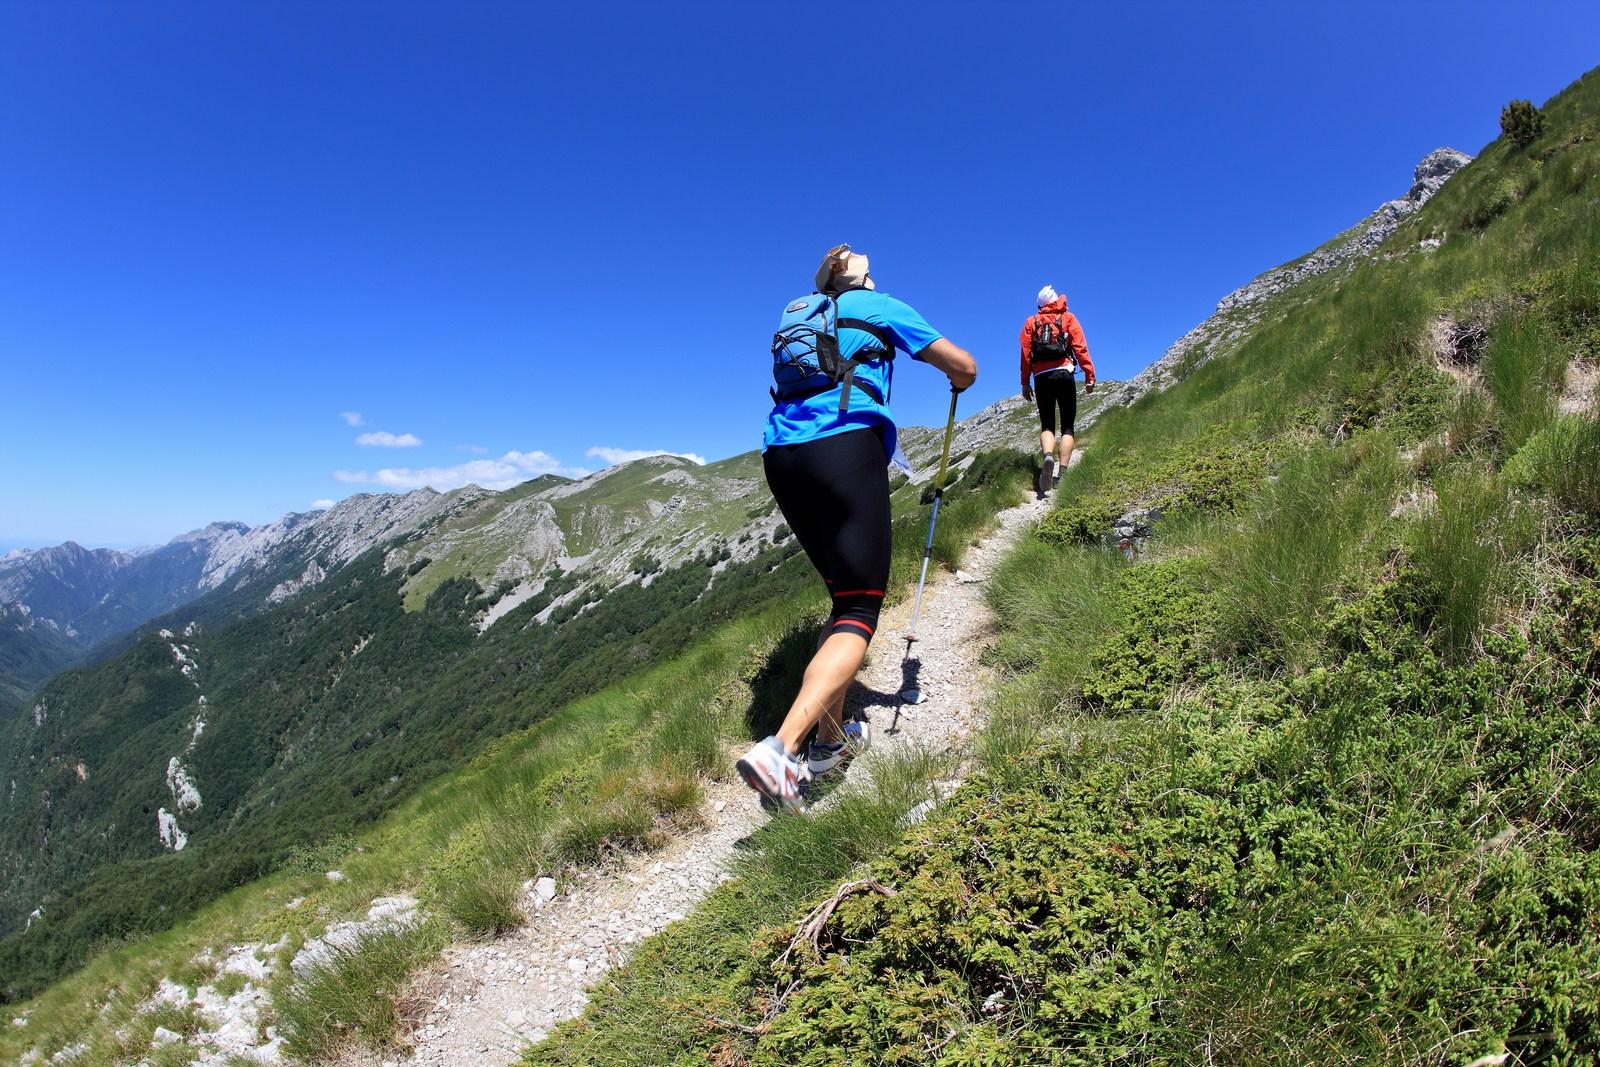 Na spletni strani sloveniawalker.blog.siol.net si lahko o Velebitu preberemo naslednje mnenje: Če po prehojeni Velebitski planinski poti strnem svoje občutke v eno besedo, lahko rečem samo: neponovljivo. Foto: HTZ in Bori Kacan.